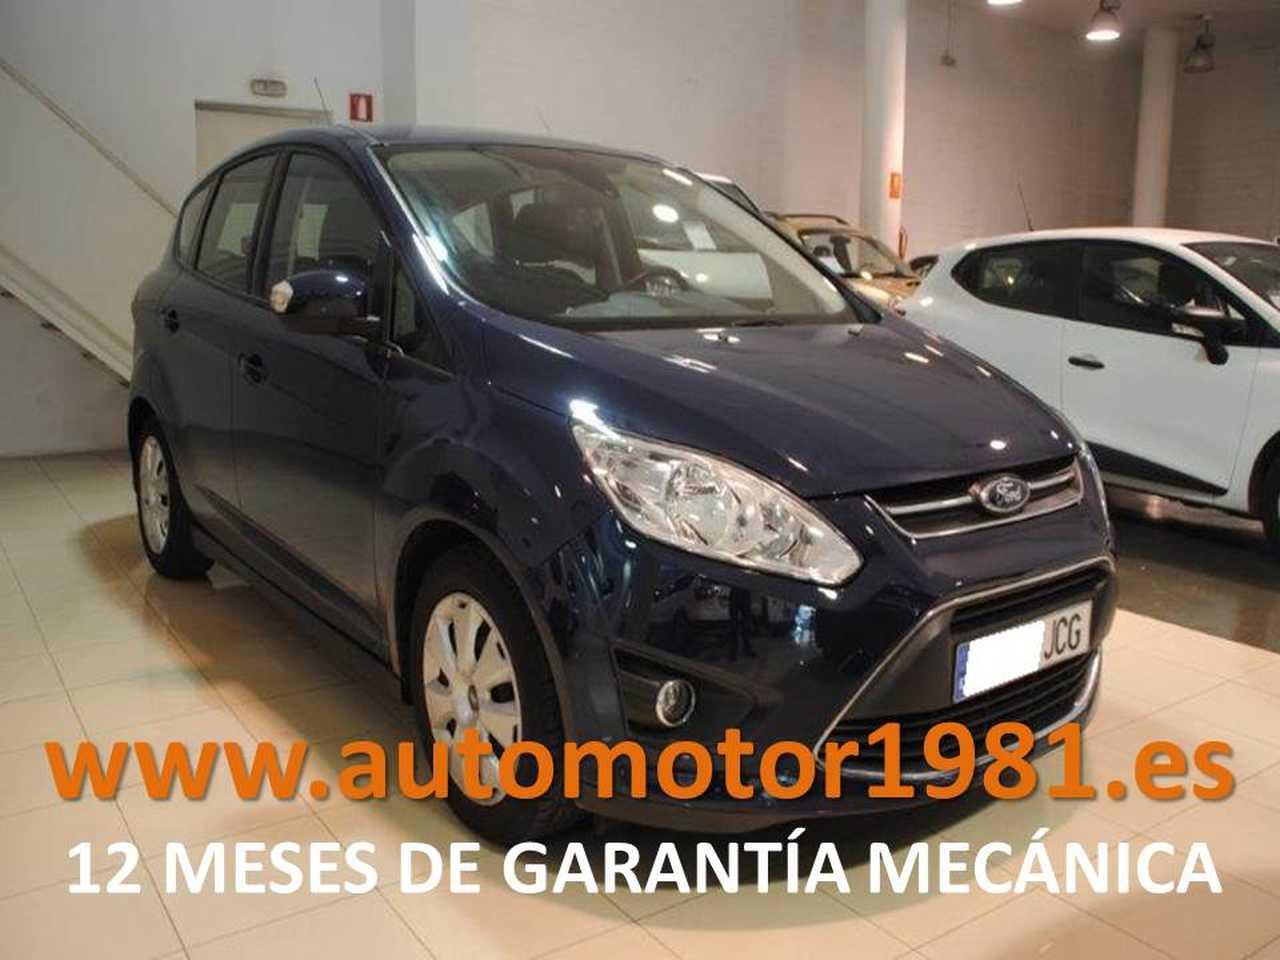 Ford C Max 1.6TDCi Trend Navegador 115 - 12 MESES GARANTIA MECANICA  - Foto 1